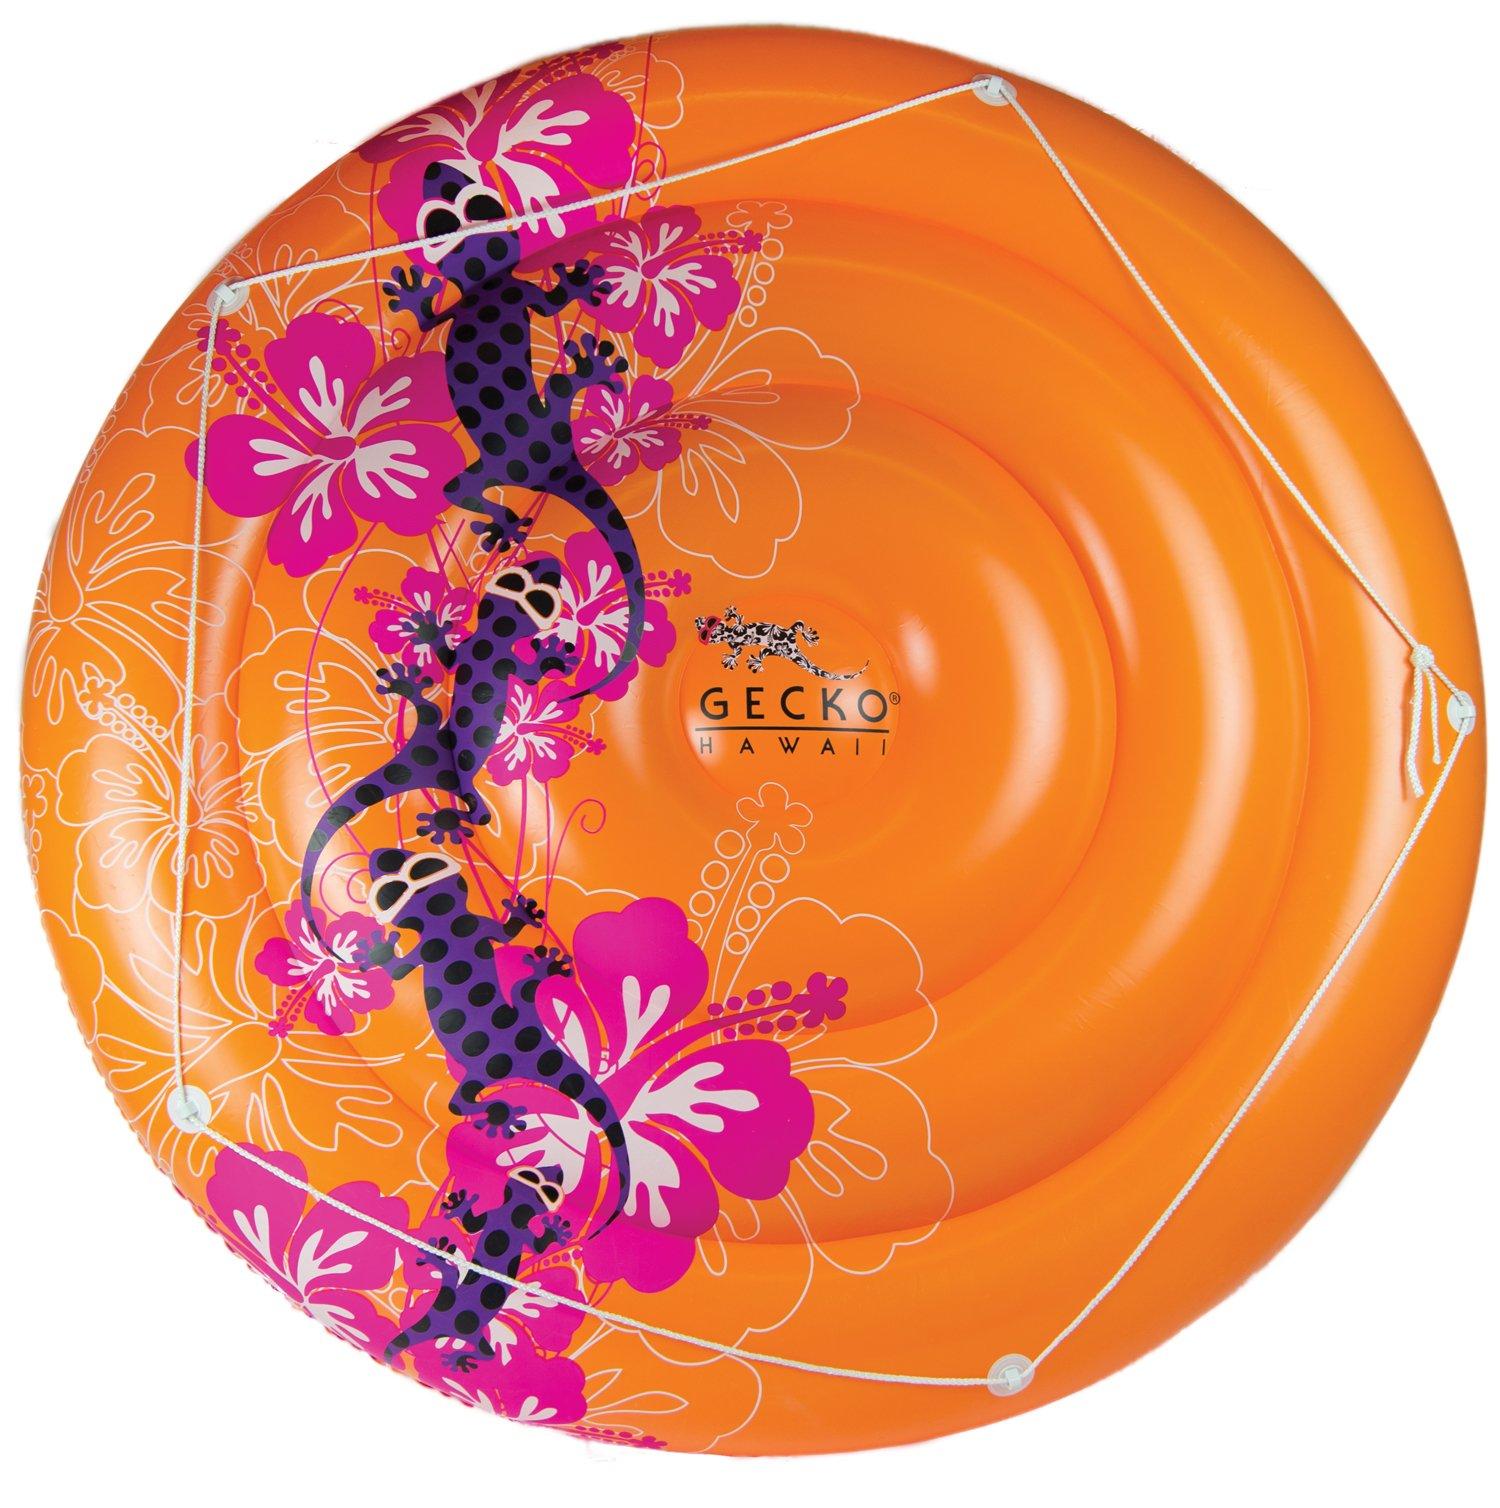 Poolmaster 83673 Gecko Hawaii Island